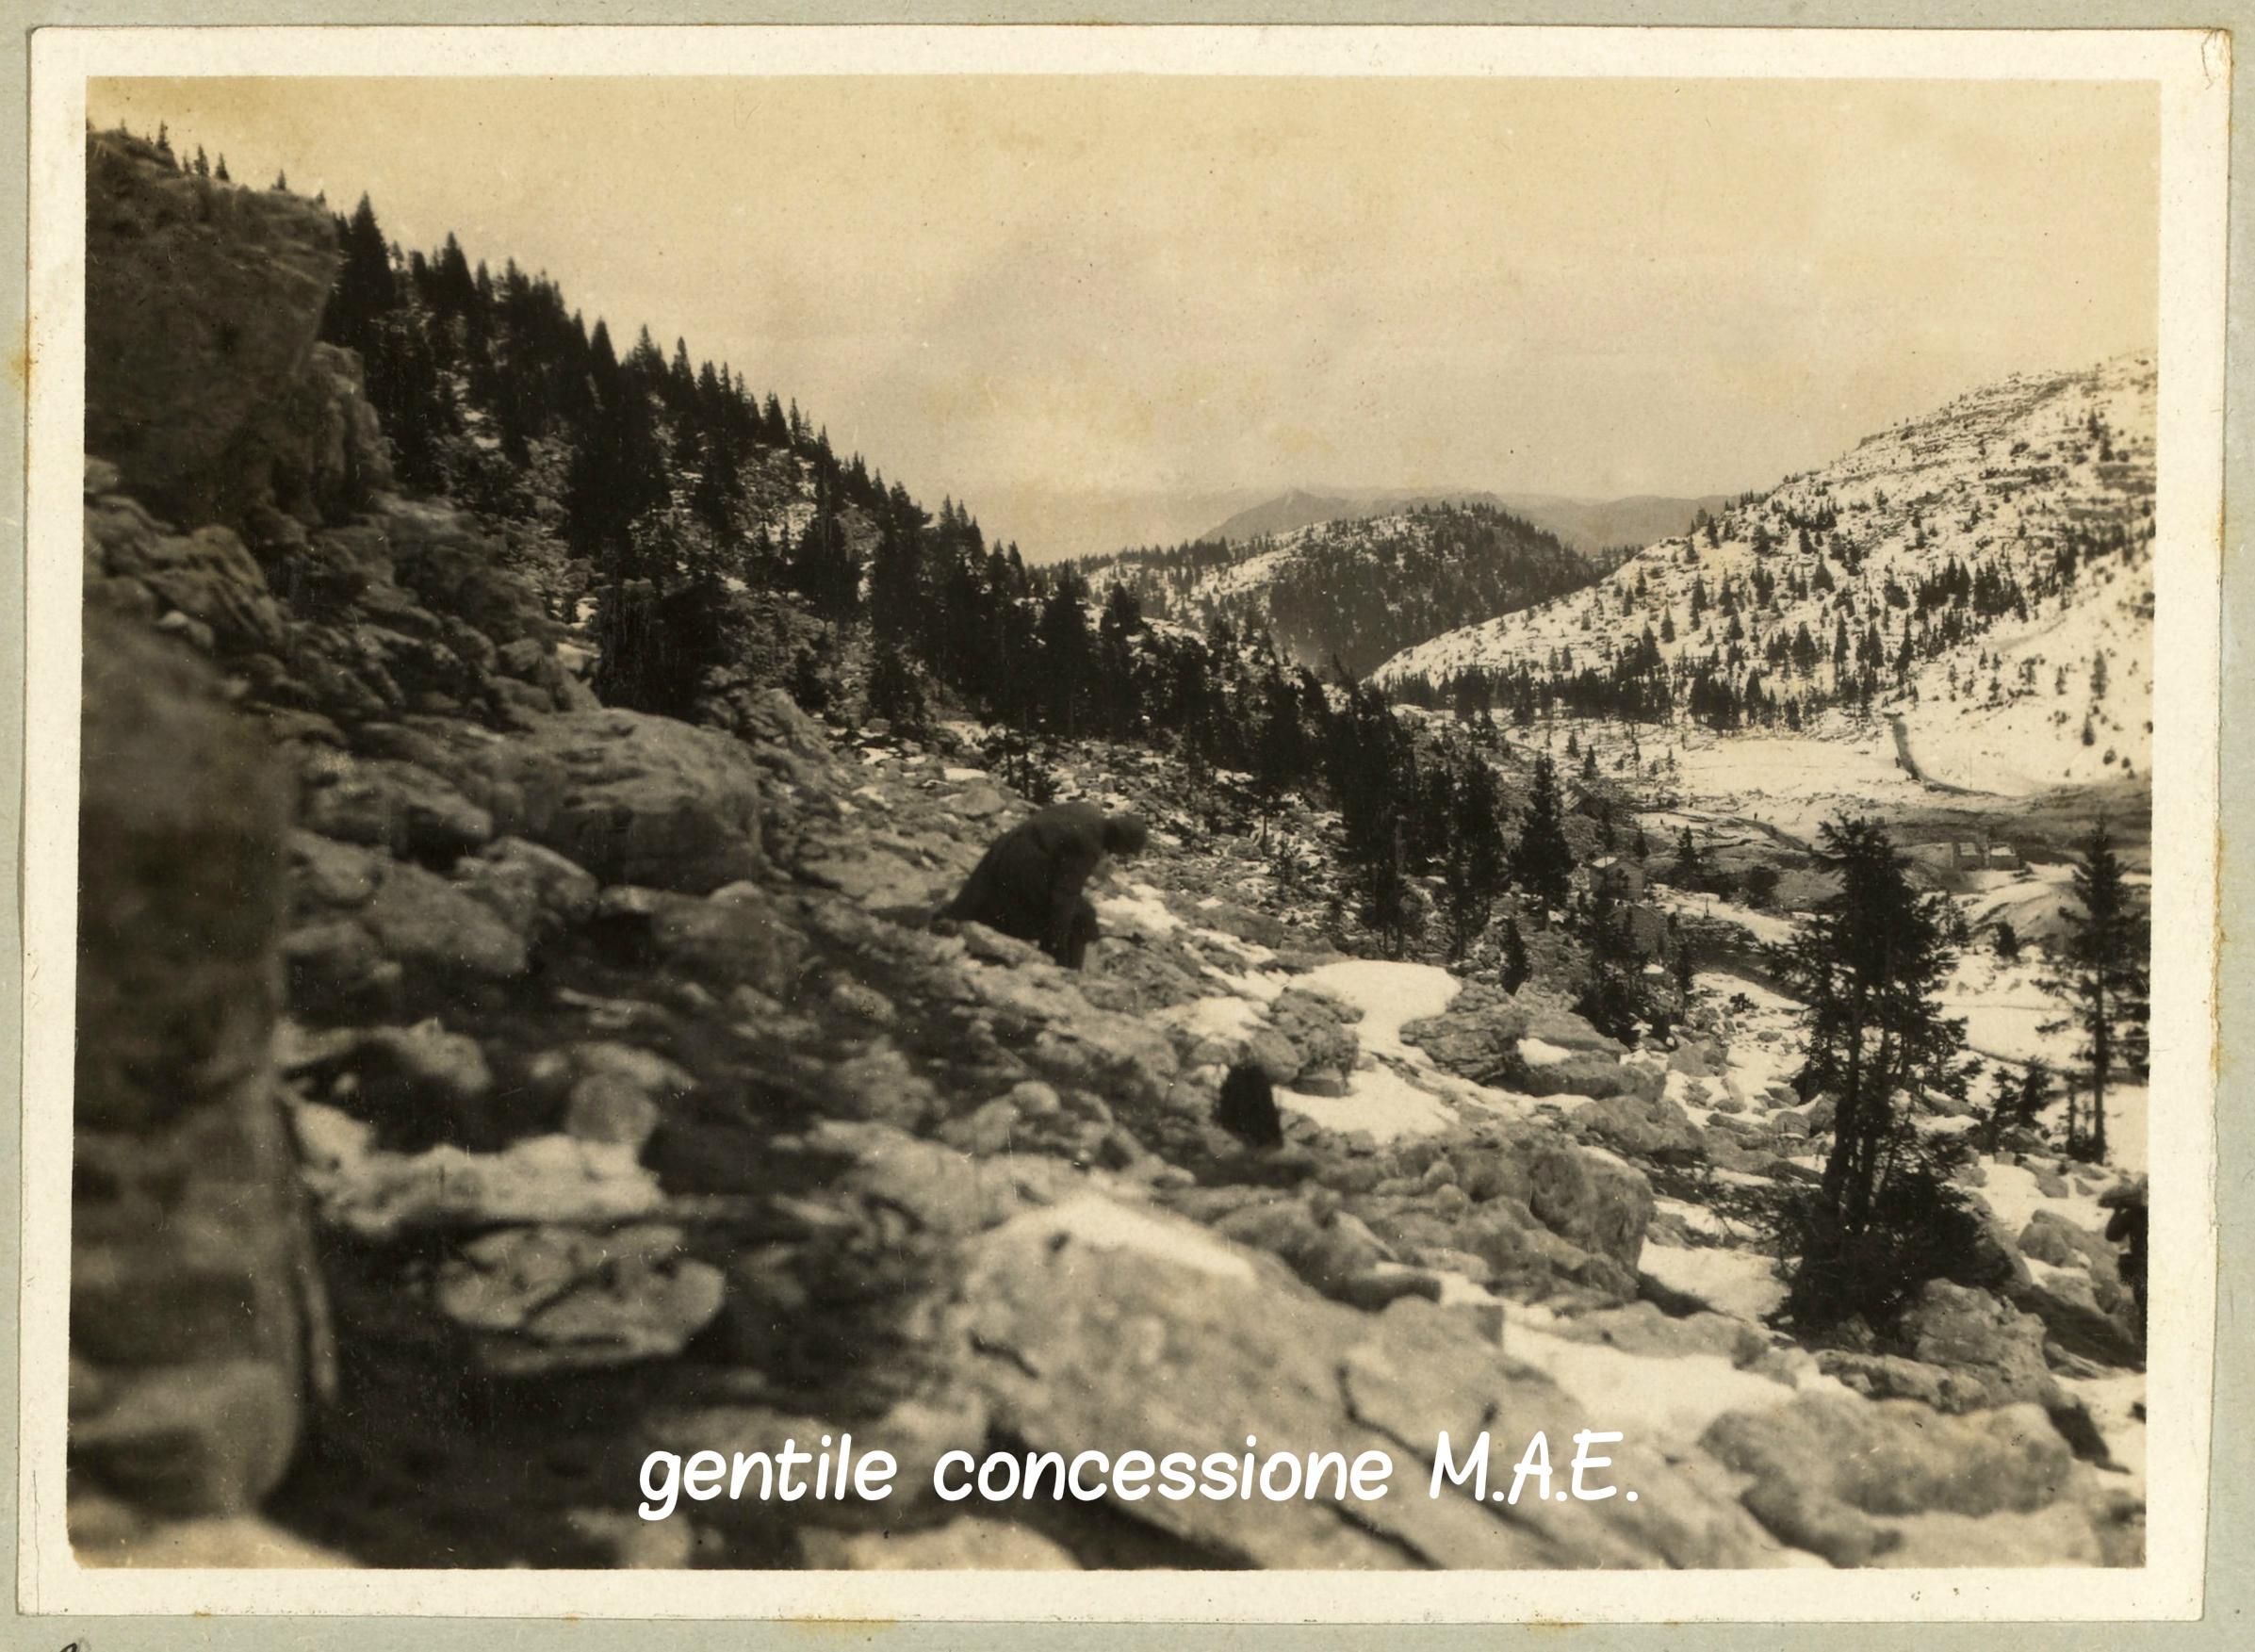 08 - Fante italiano tra le rocce del Fior e del Castelgomberto - Mae (C).jpg